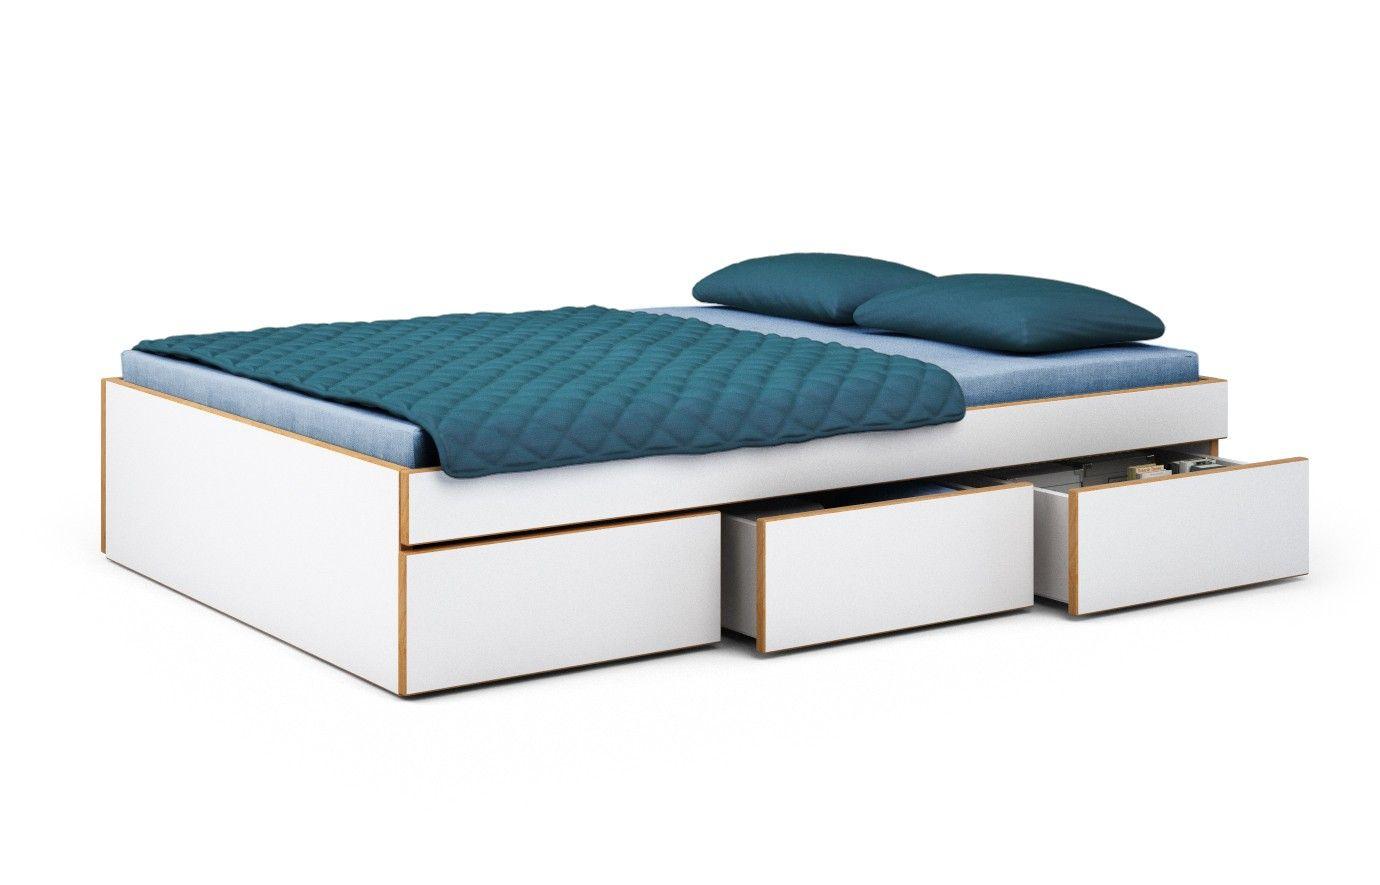 Full Size of Genial Bett 120x200 Mit Stauraum 100x200 Betten Düsseldorf Kaufen Hamburg Außergewöhnliche Rauch 180x200 Breit 140 Bettkasten 160x200 Moebel De Breckle Bett 120x200 Bett